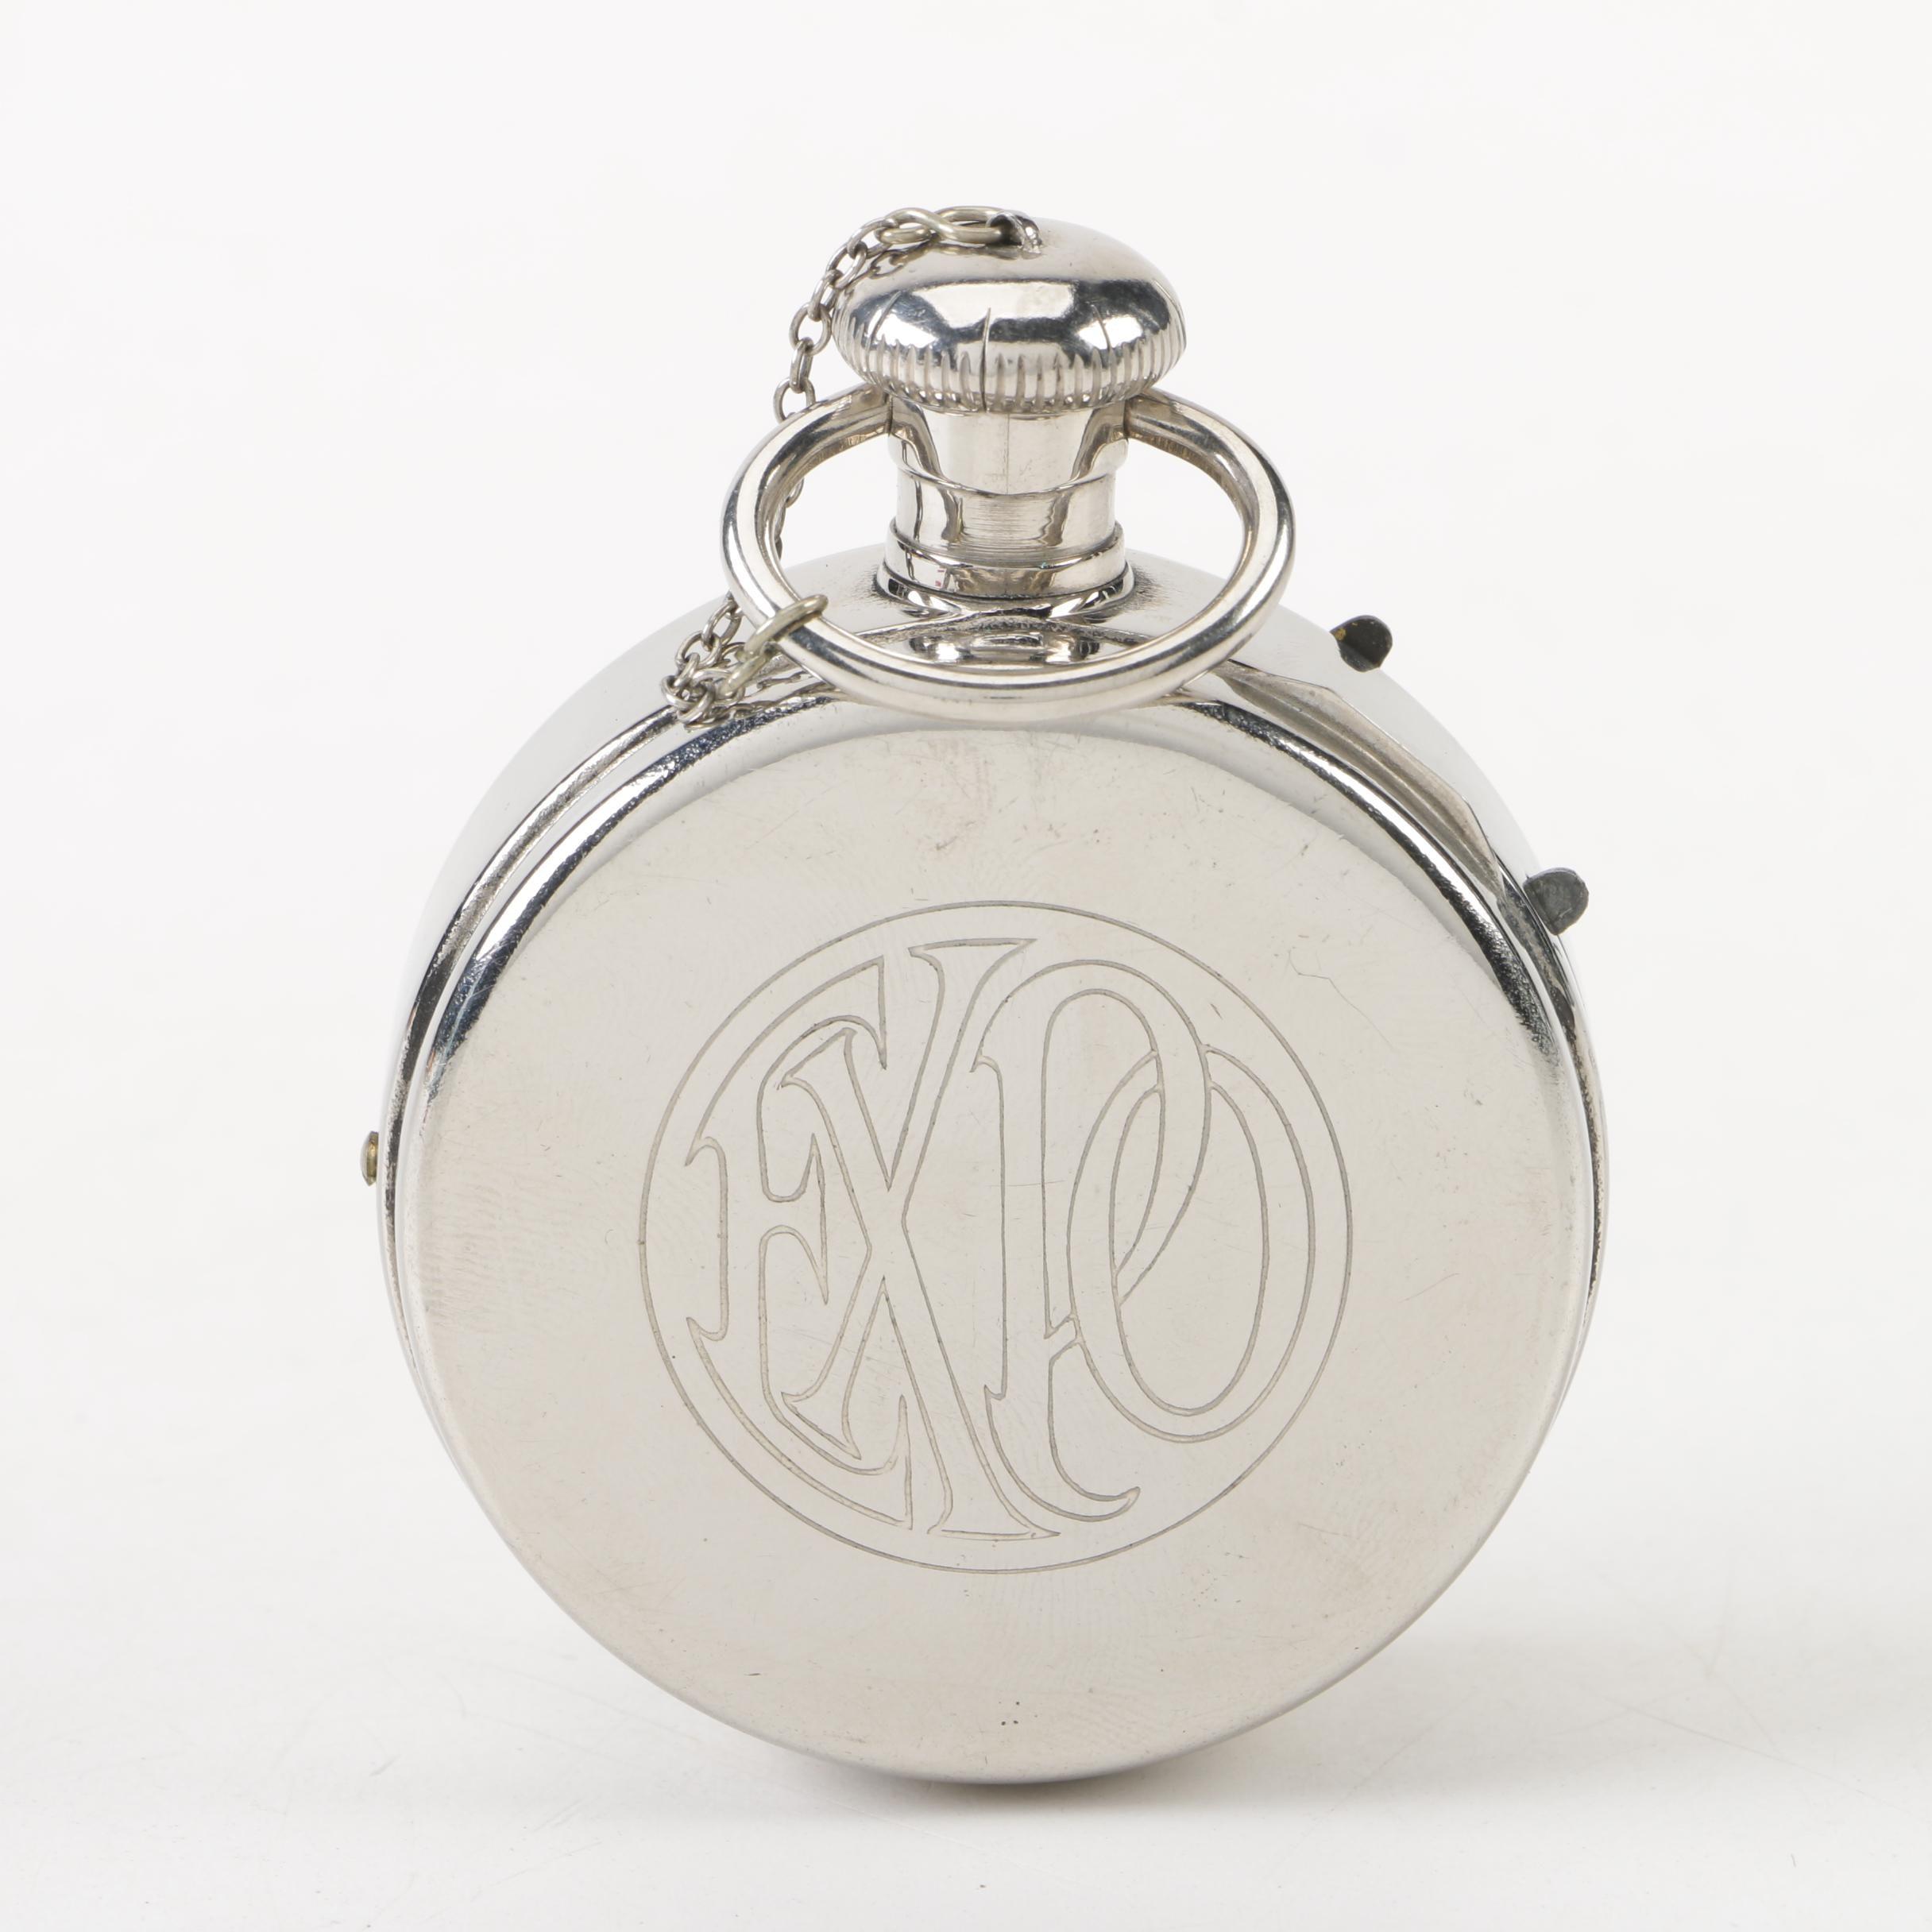 Expo Camera Company Pocket Watch Camera, 1907 - 1939